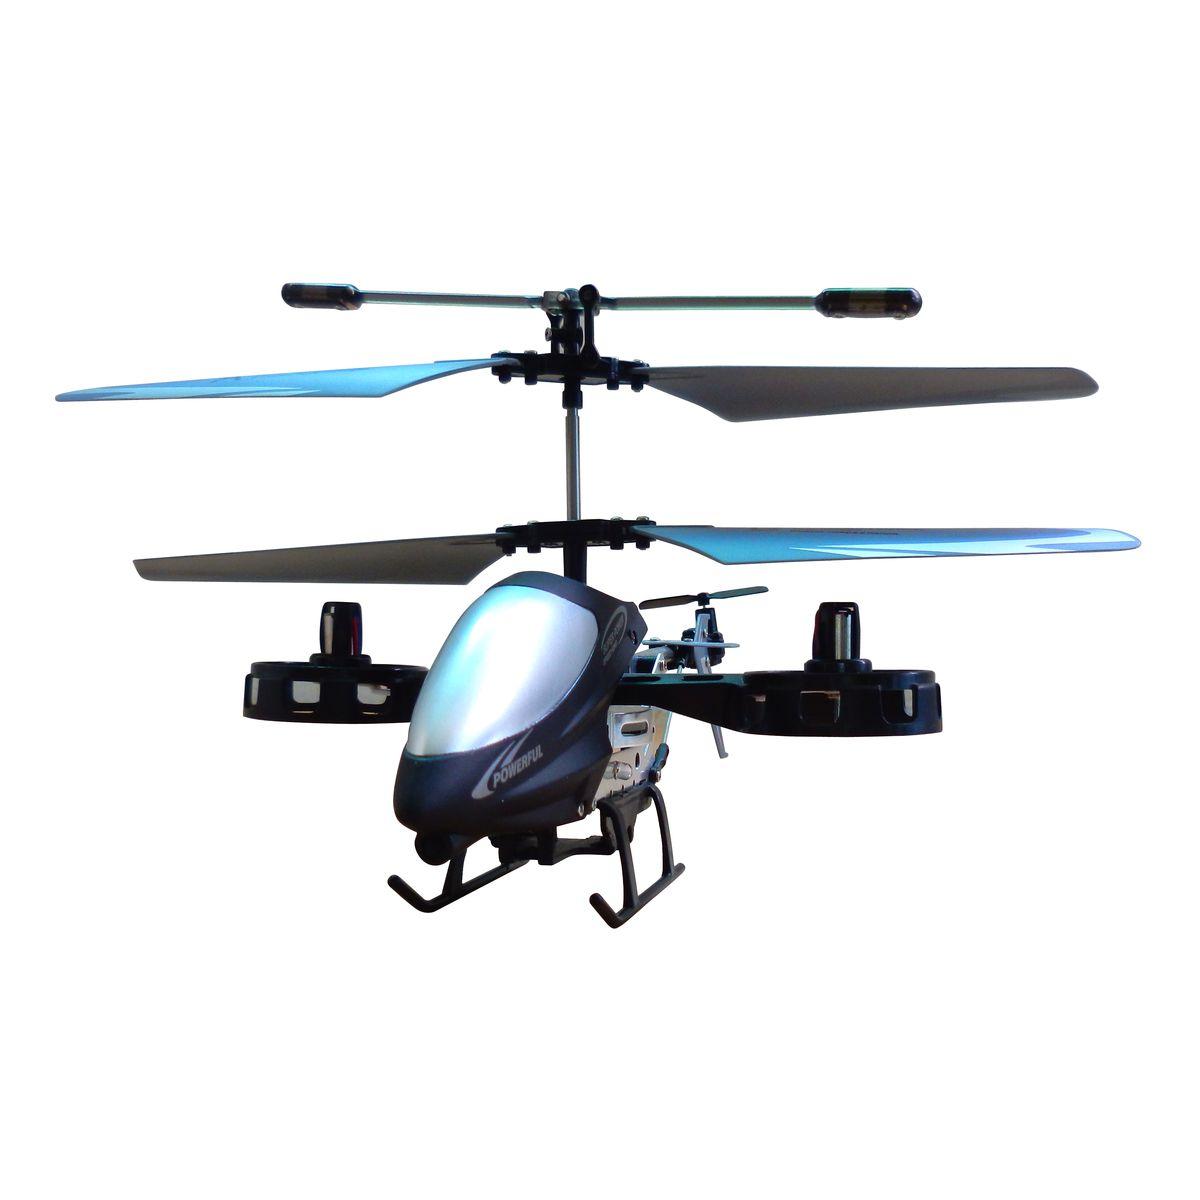 Blue Sea Вертолет на ИК управлении L607 с гироскопомL6074-х канальный вертолет с гироскопом на ИК управлении. Изюминка модели - в ее оригинальной конструкции: две боковых моторных гондолы добавляют заложенному в основу трехканальному прототипу возможность управления креном, т.е. движением боком влево или вправо. Благодаря этому Ваша миниатюрная модель способна летать как настоящий вертолет вверх и вниз, вперед и назад, влево и вправо и разворачиваться вокруг своей оси. Вы даже можете попробовать на нем простые фигуры высшего пилотажа.